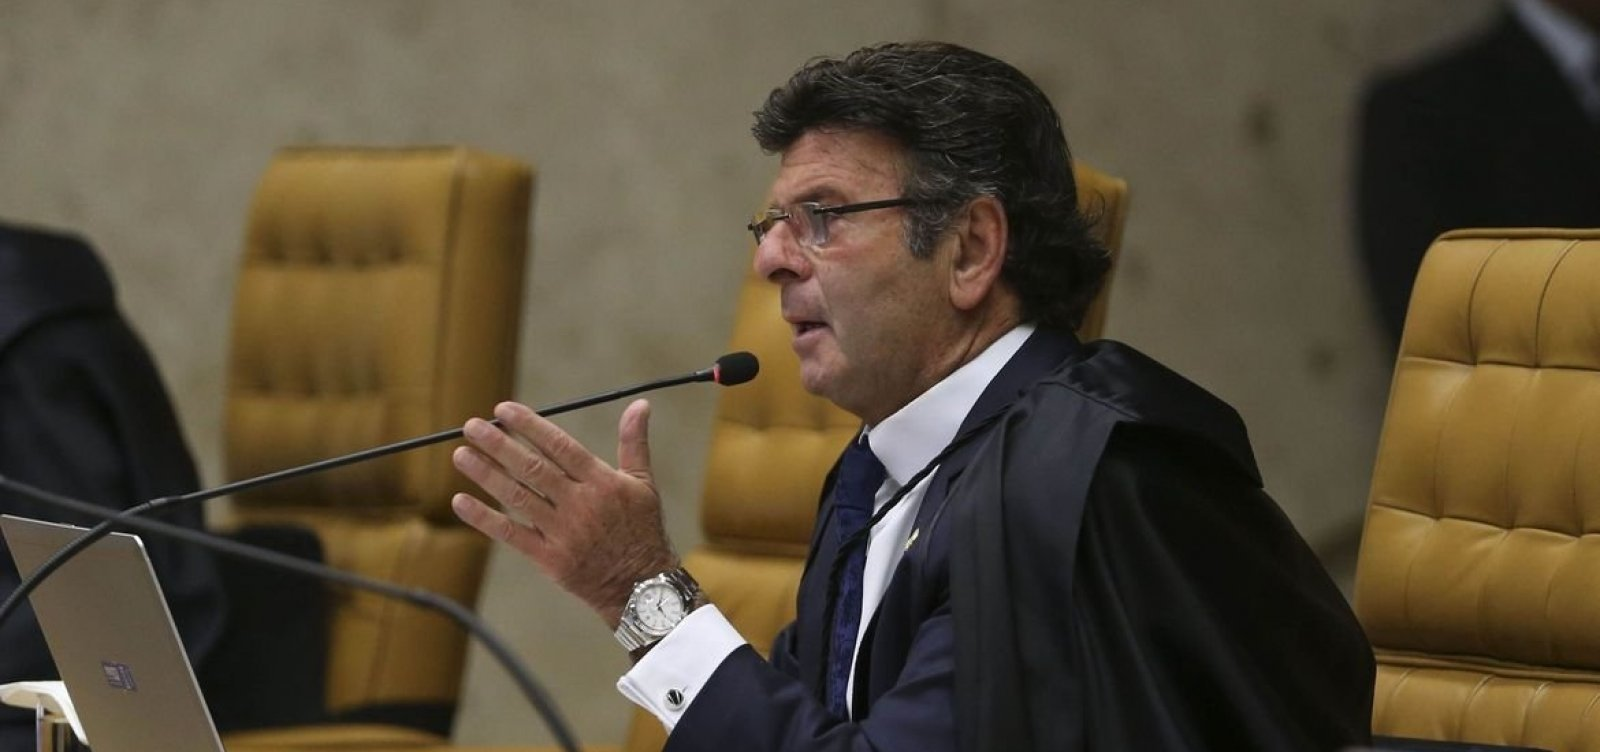 [Após decisão que liberou cultos religiosos, presidente de frente de prefeitos pede intervenção de Fux ]